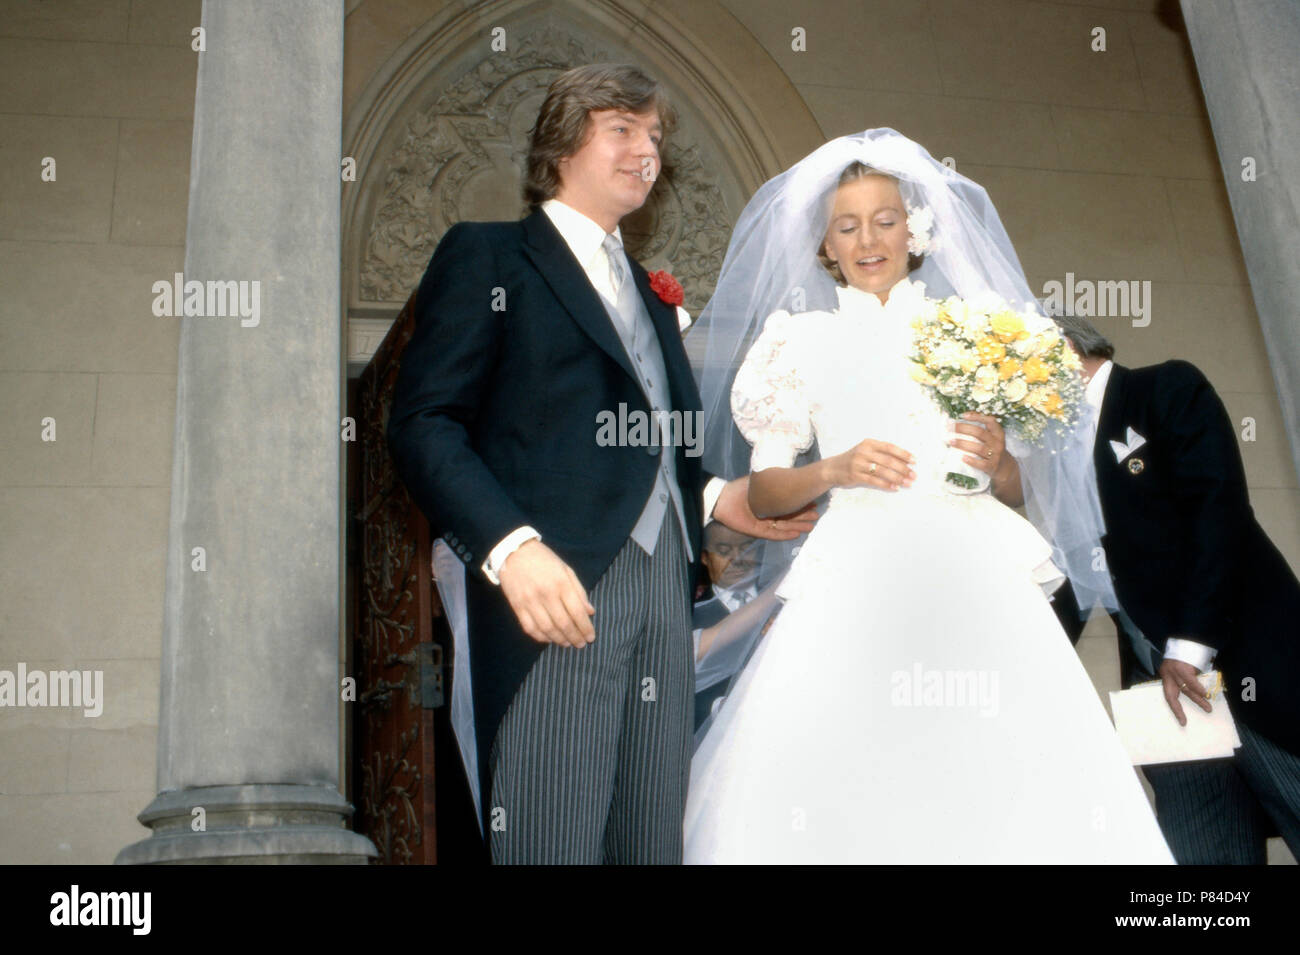 Erbprinz Ernst August von Hannover bei seiner Hochzeit mit